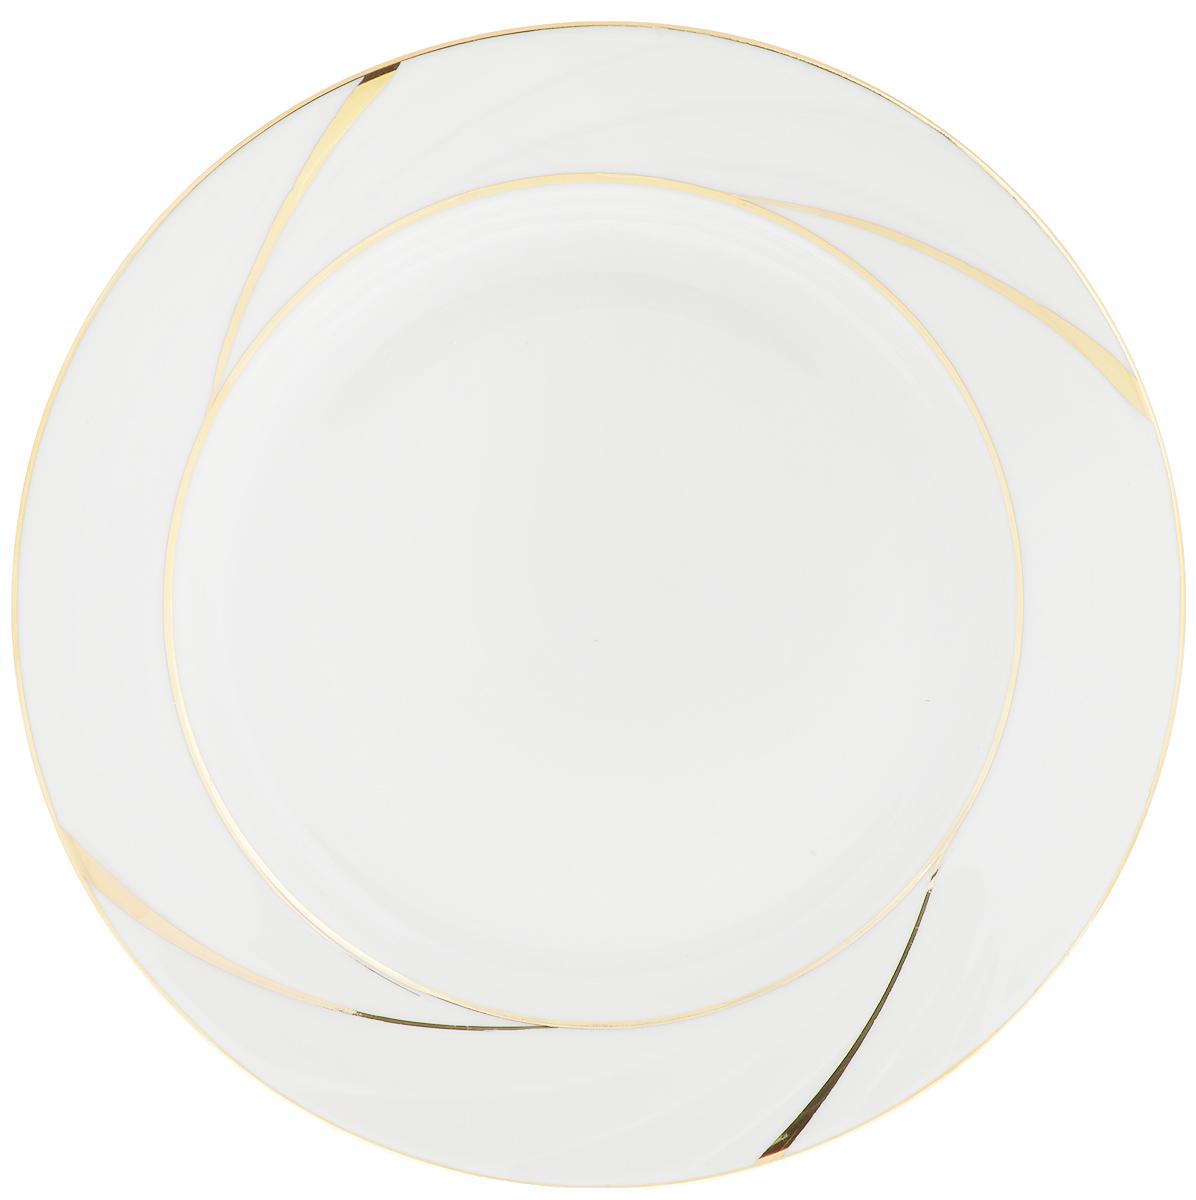 Тарелка Голубка. Бомонд, диаметр 20 см1035423Тарелка Голубка. Бомонд, изготовленная из высококачественного фарфора, имеет изысканный внешний вид. Яркий дизайн придется по вкусу и ценителям классики, и тем, кто предпочитает утонченность. Тарелка Голубка. Бомонд идеально подойдет для сервировки стола и станет отличным подарком к любому празднику.